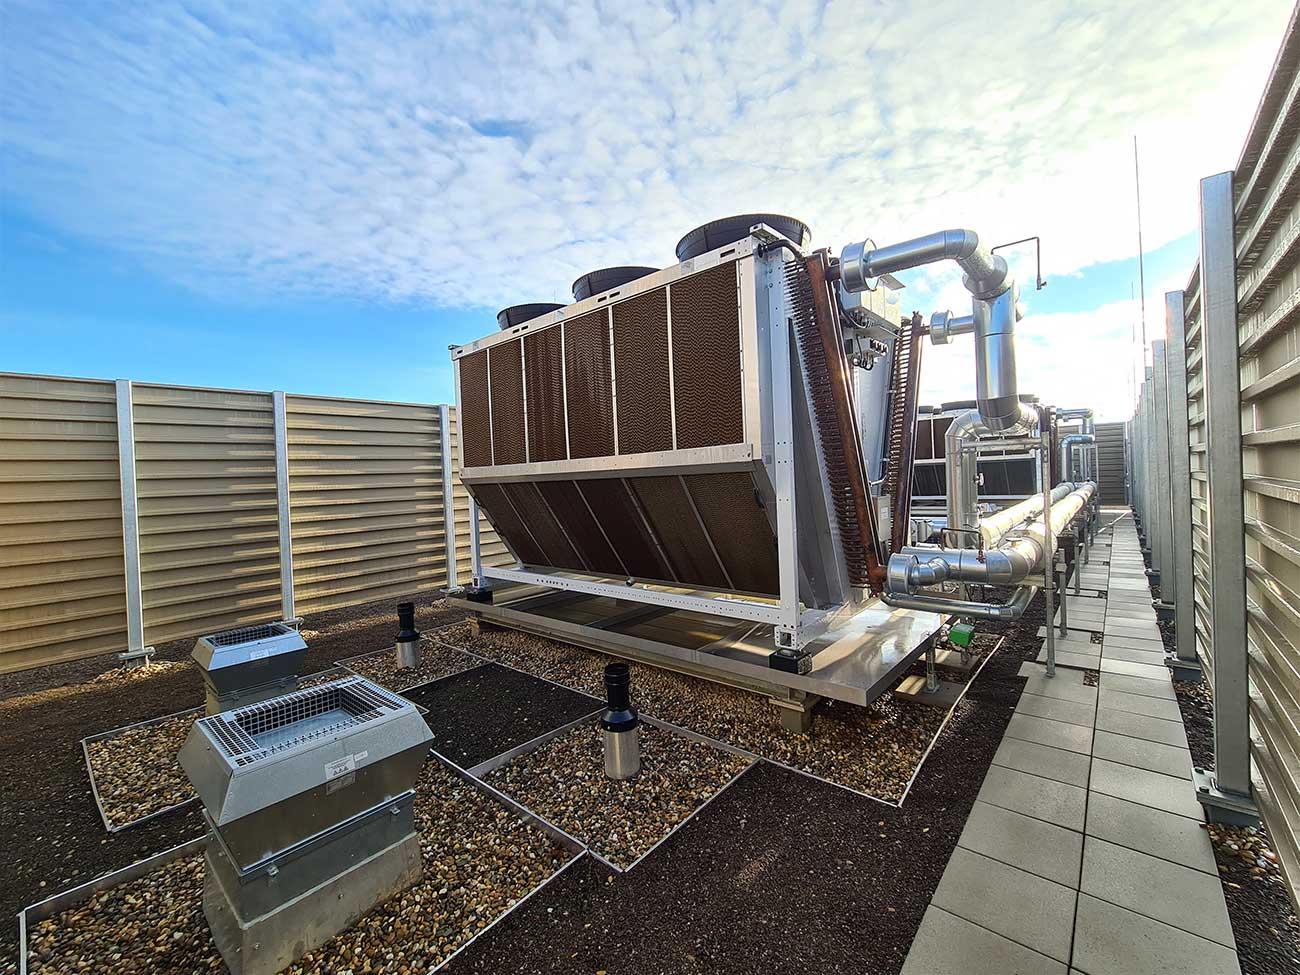 Kälte Anlage auf dem Dach bei Sonnenschein